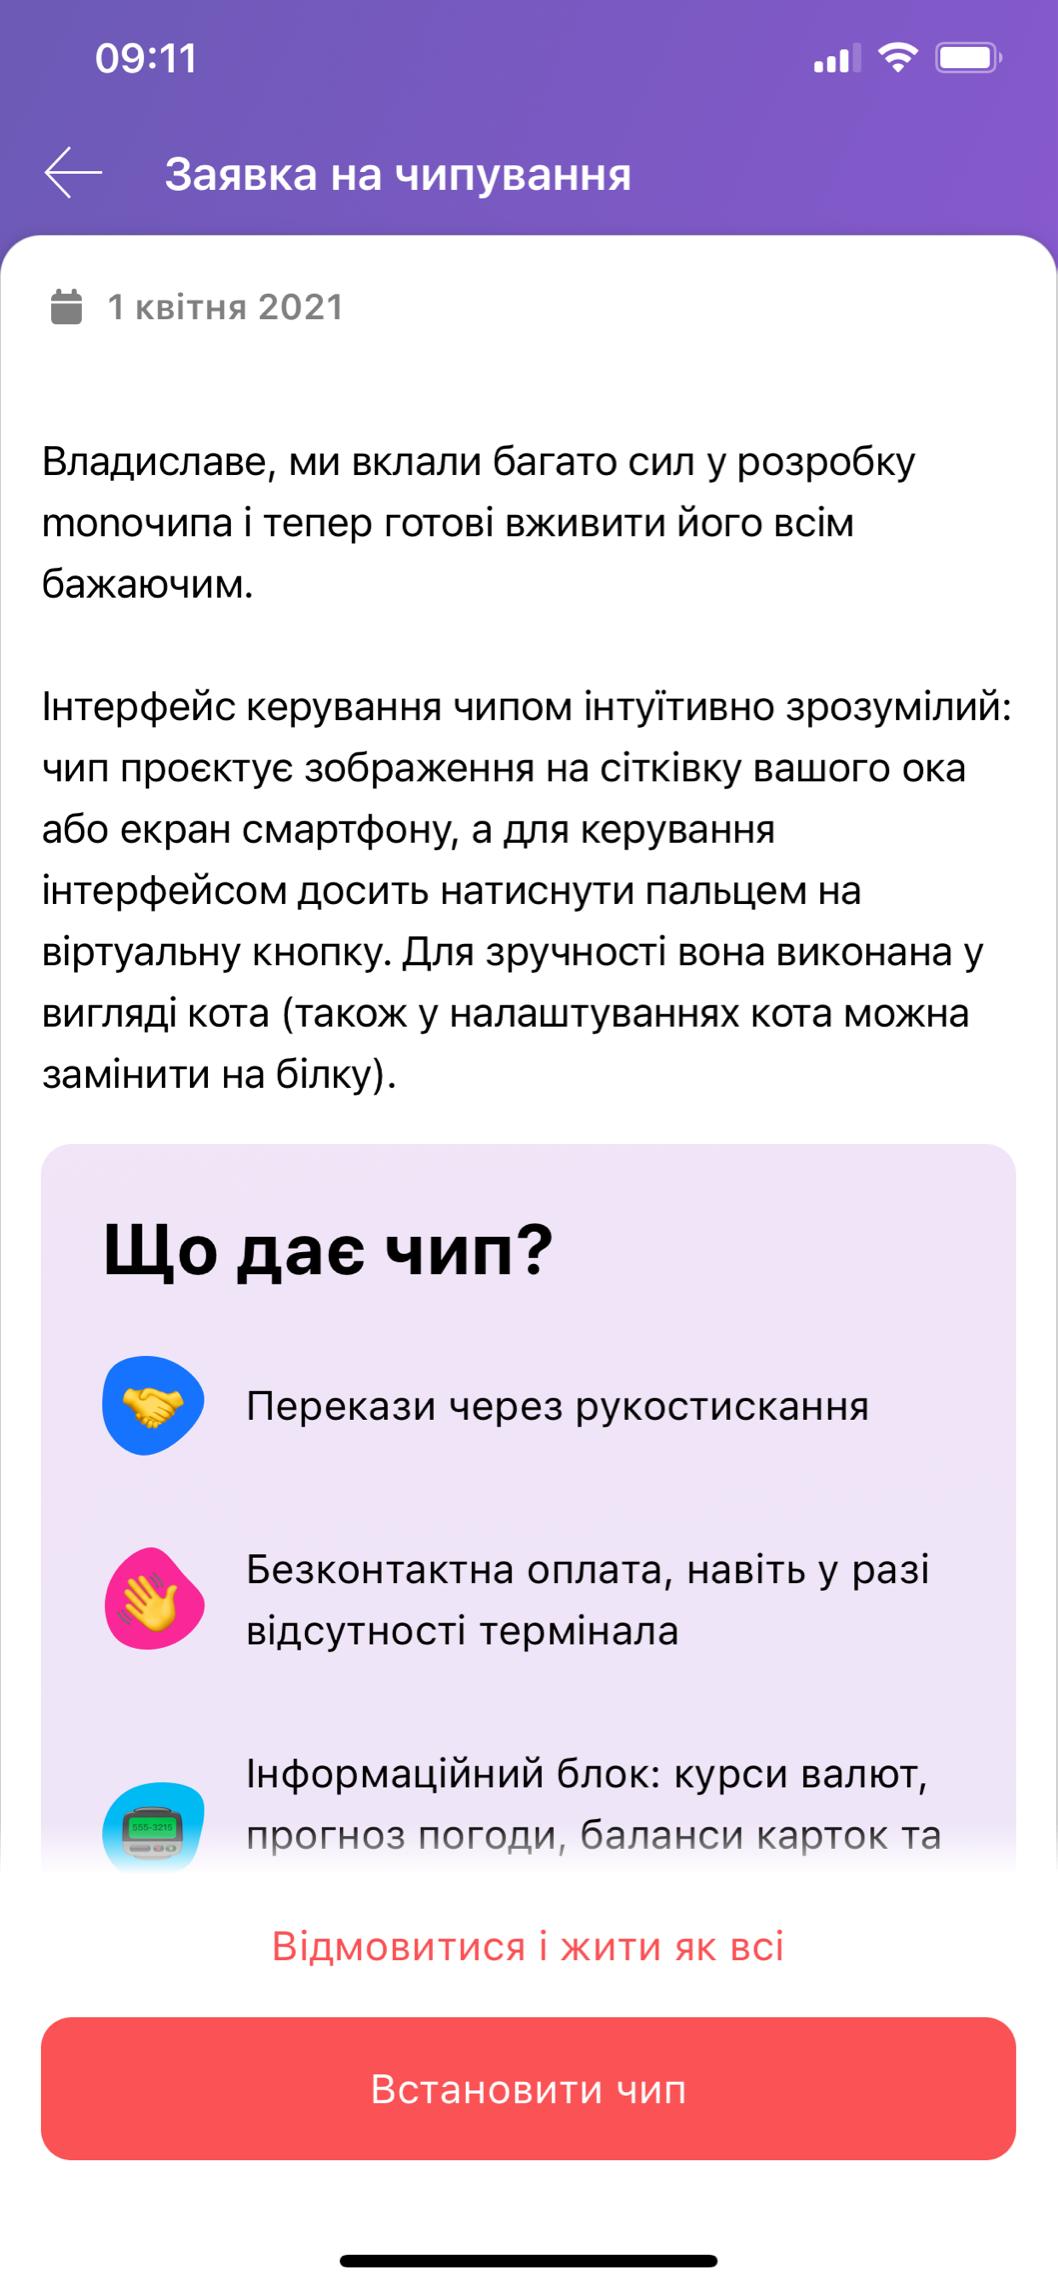 Как украинские компании и бренды отметили 1 апреля. Лучшие шутки и мемы